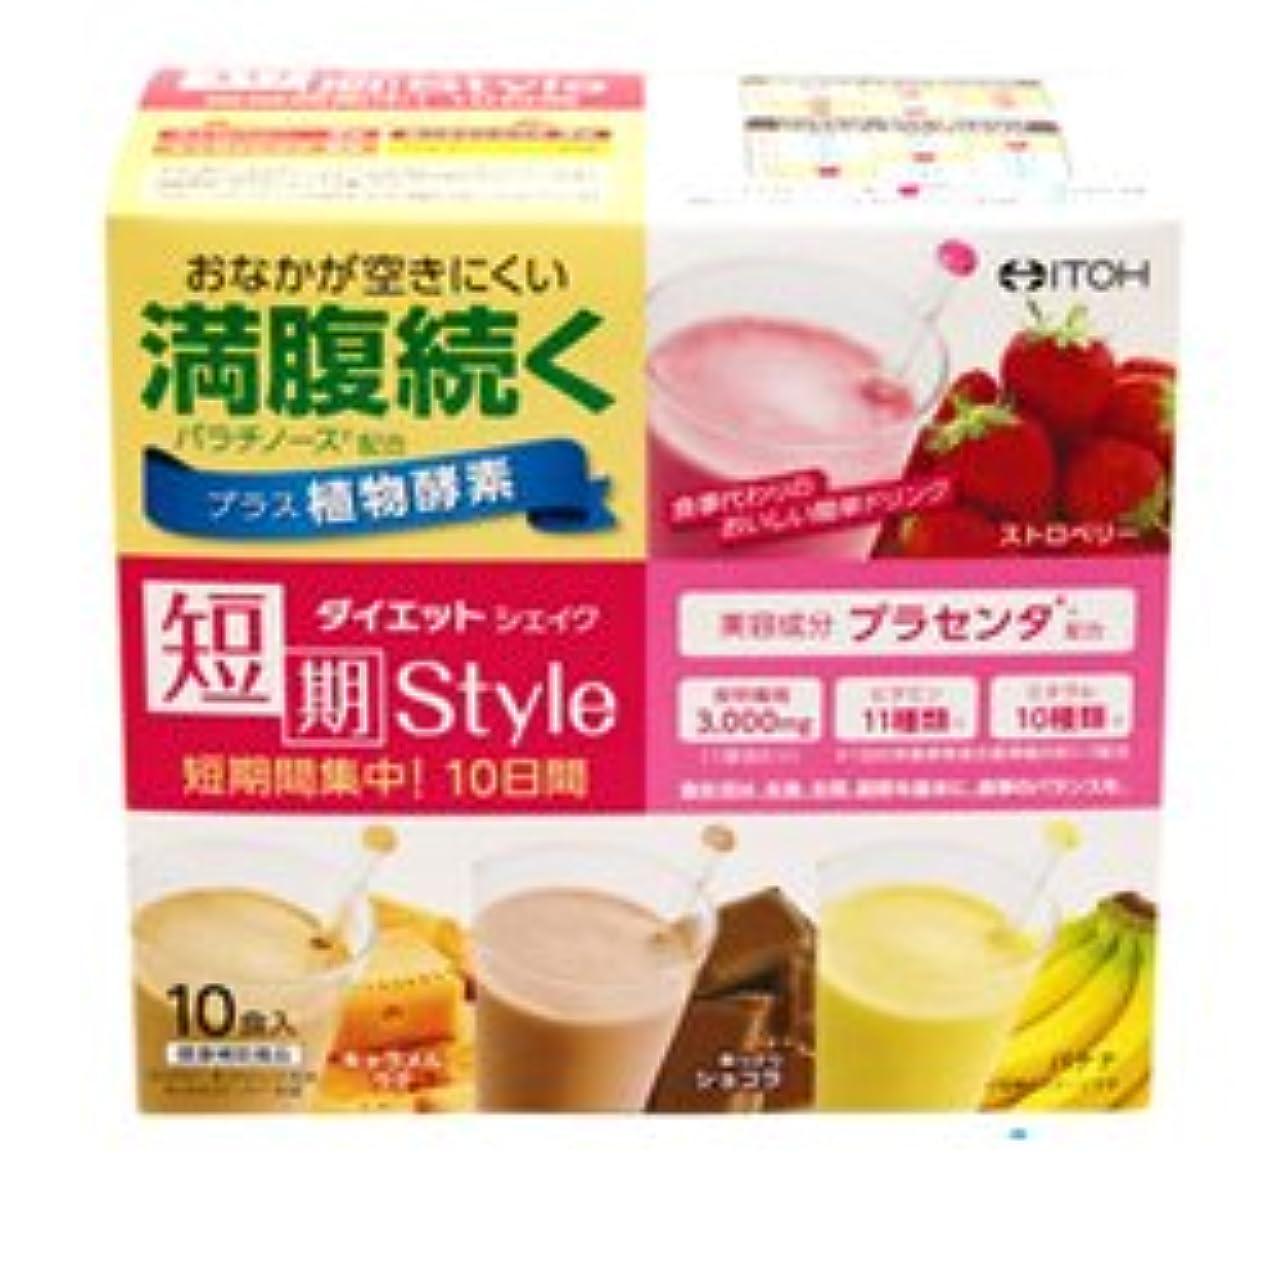 【井藤漢方製薬】短期スタイル ダイエットシェイク 10包 ×20個セット